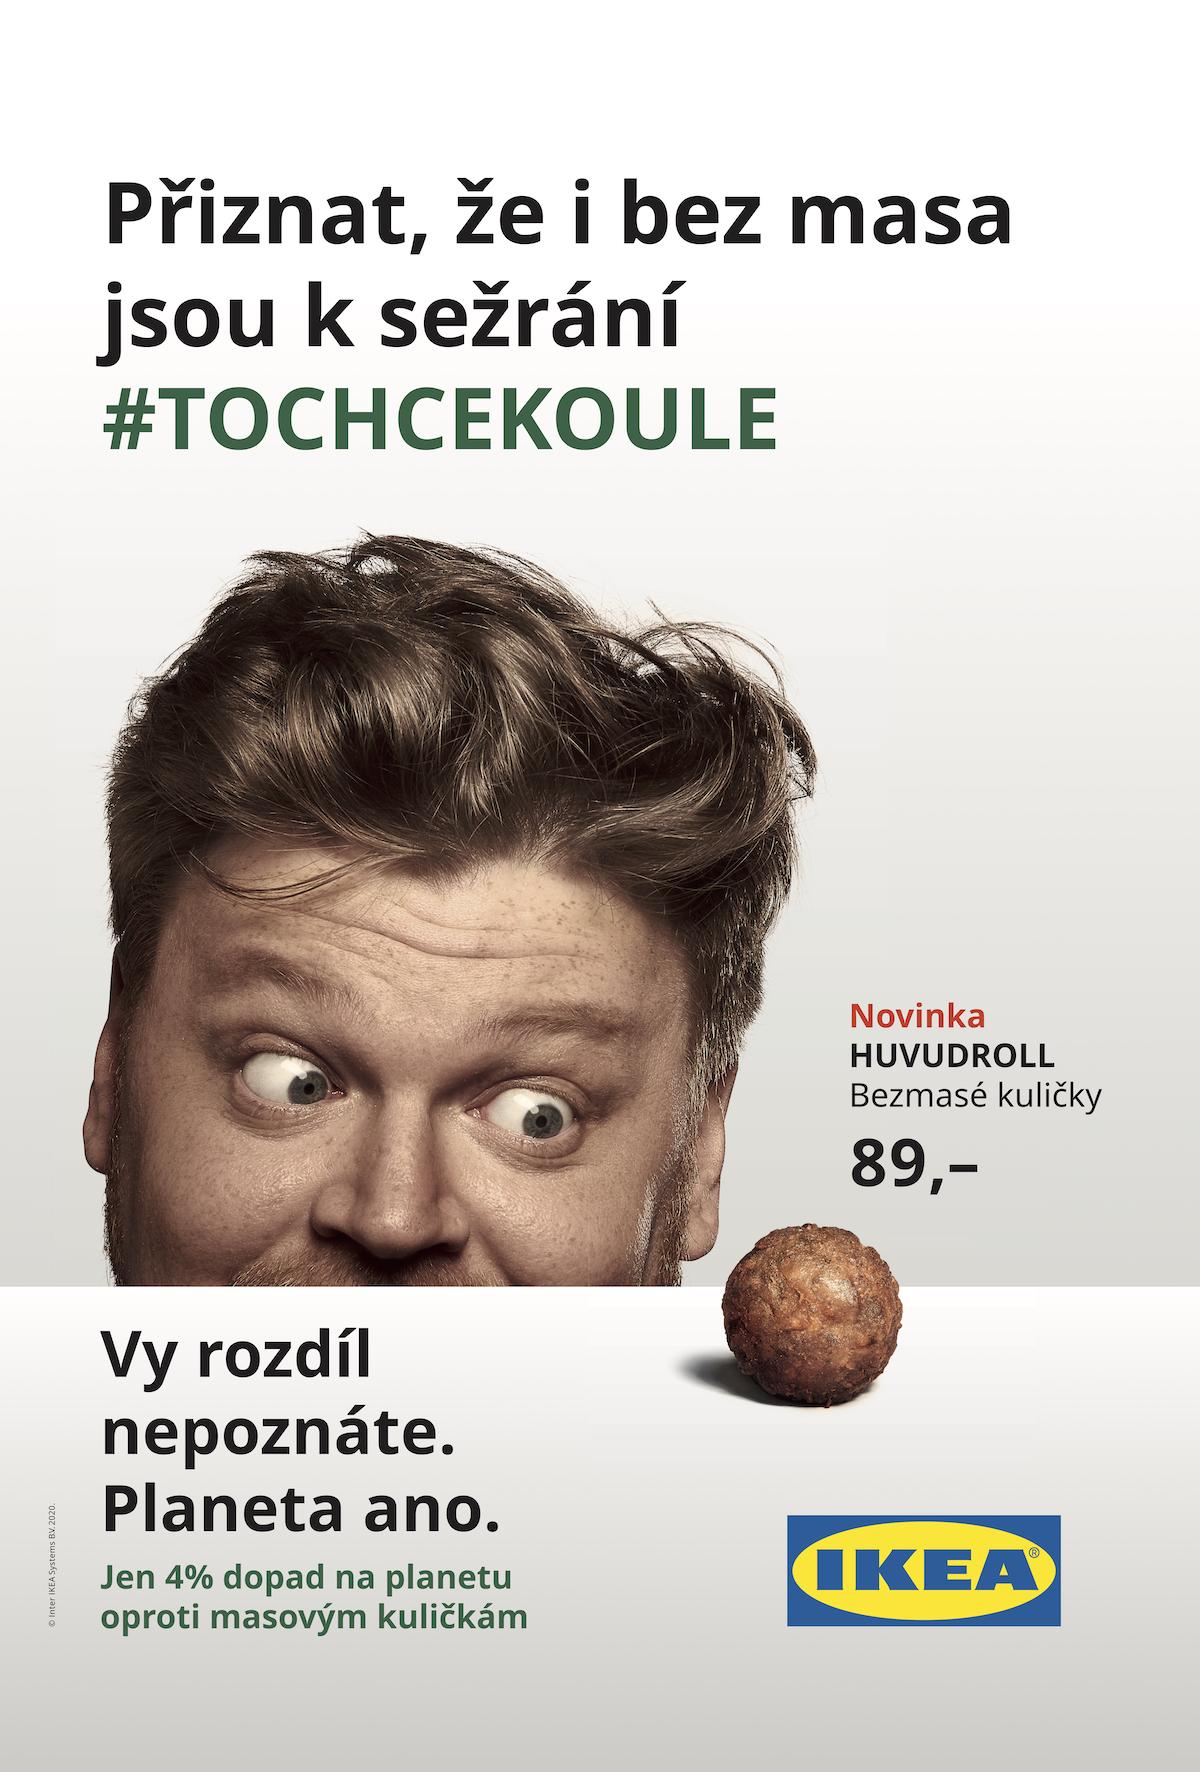 Ikea: #tochcekoule (Kaspen/Jung von Matt)